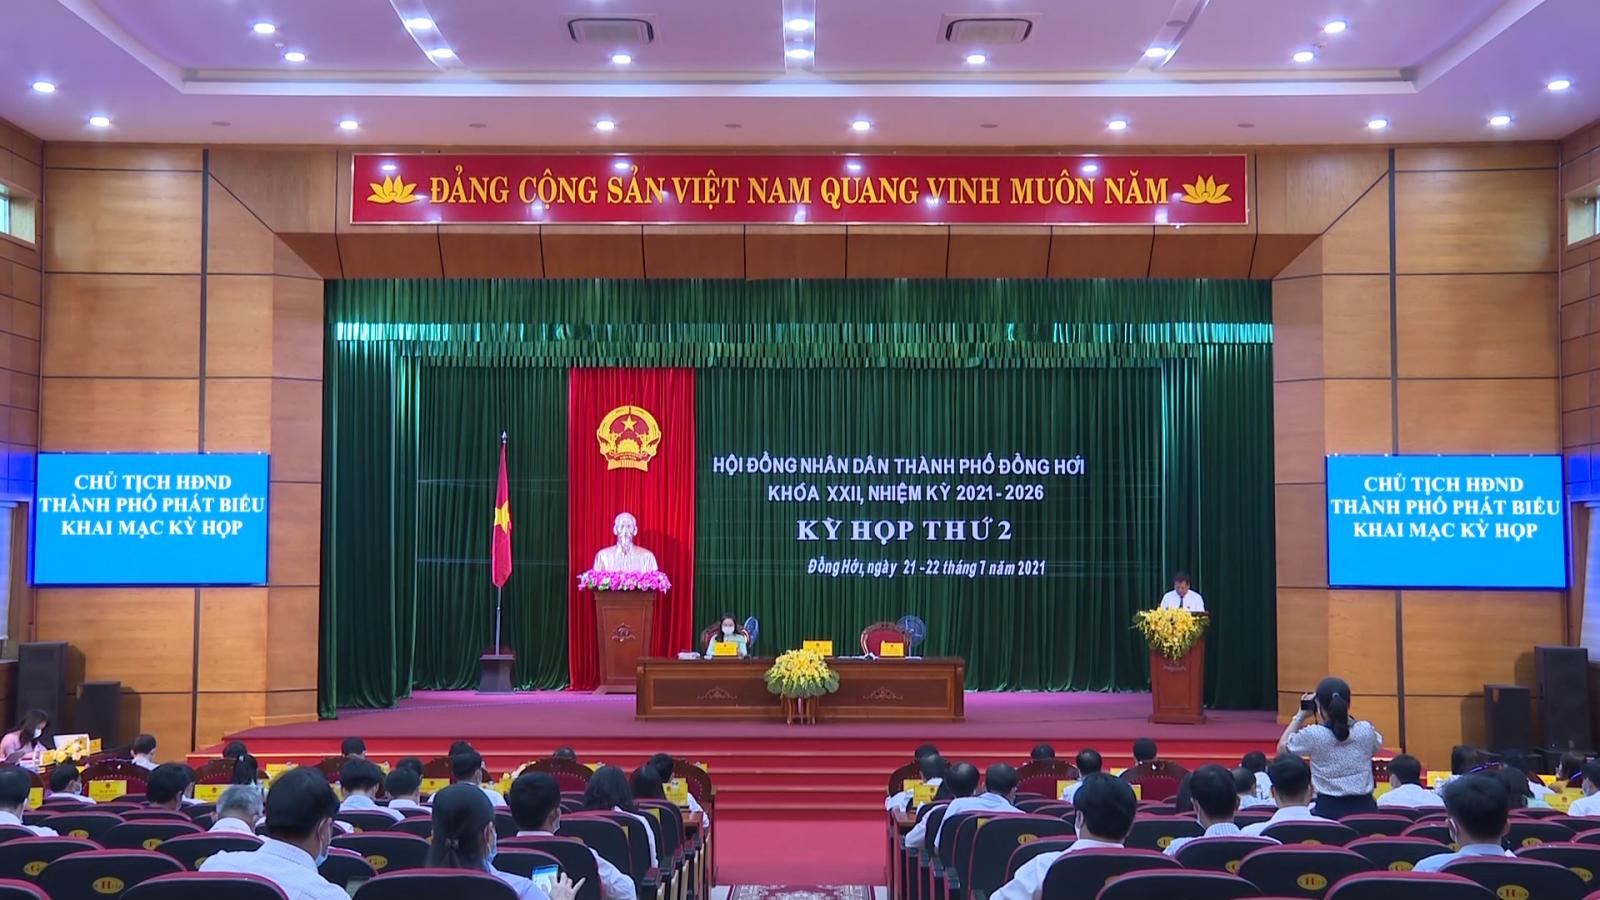 HĐND thành phố Đồng Hới khóa XXII tổ chức kỳ họp thứ 2